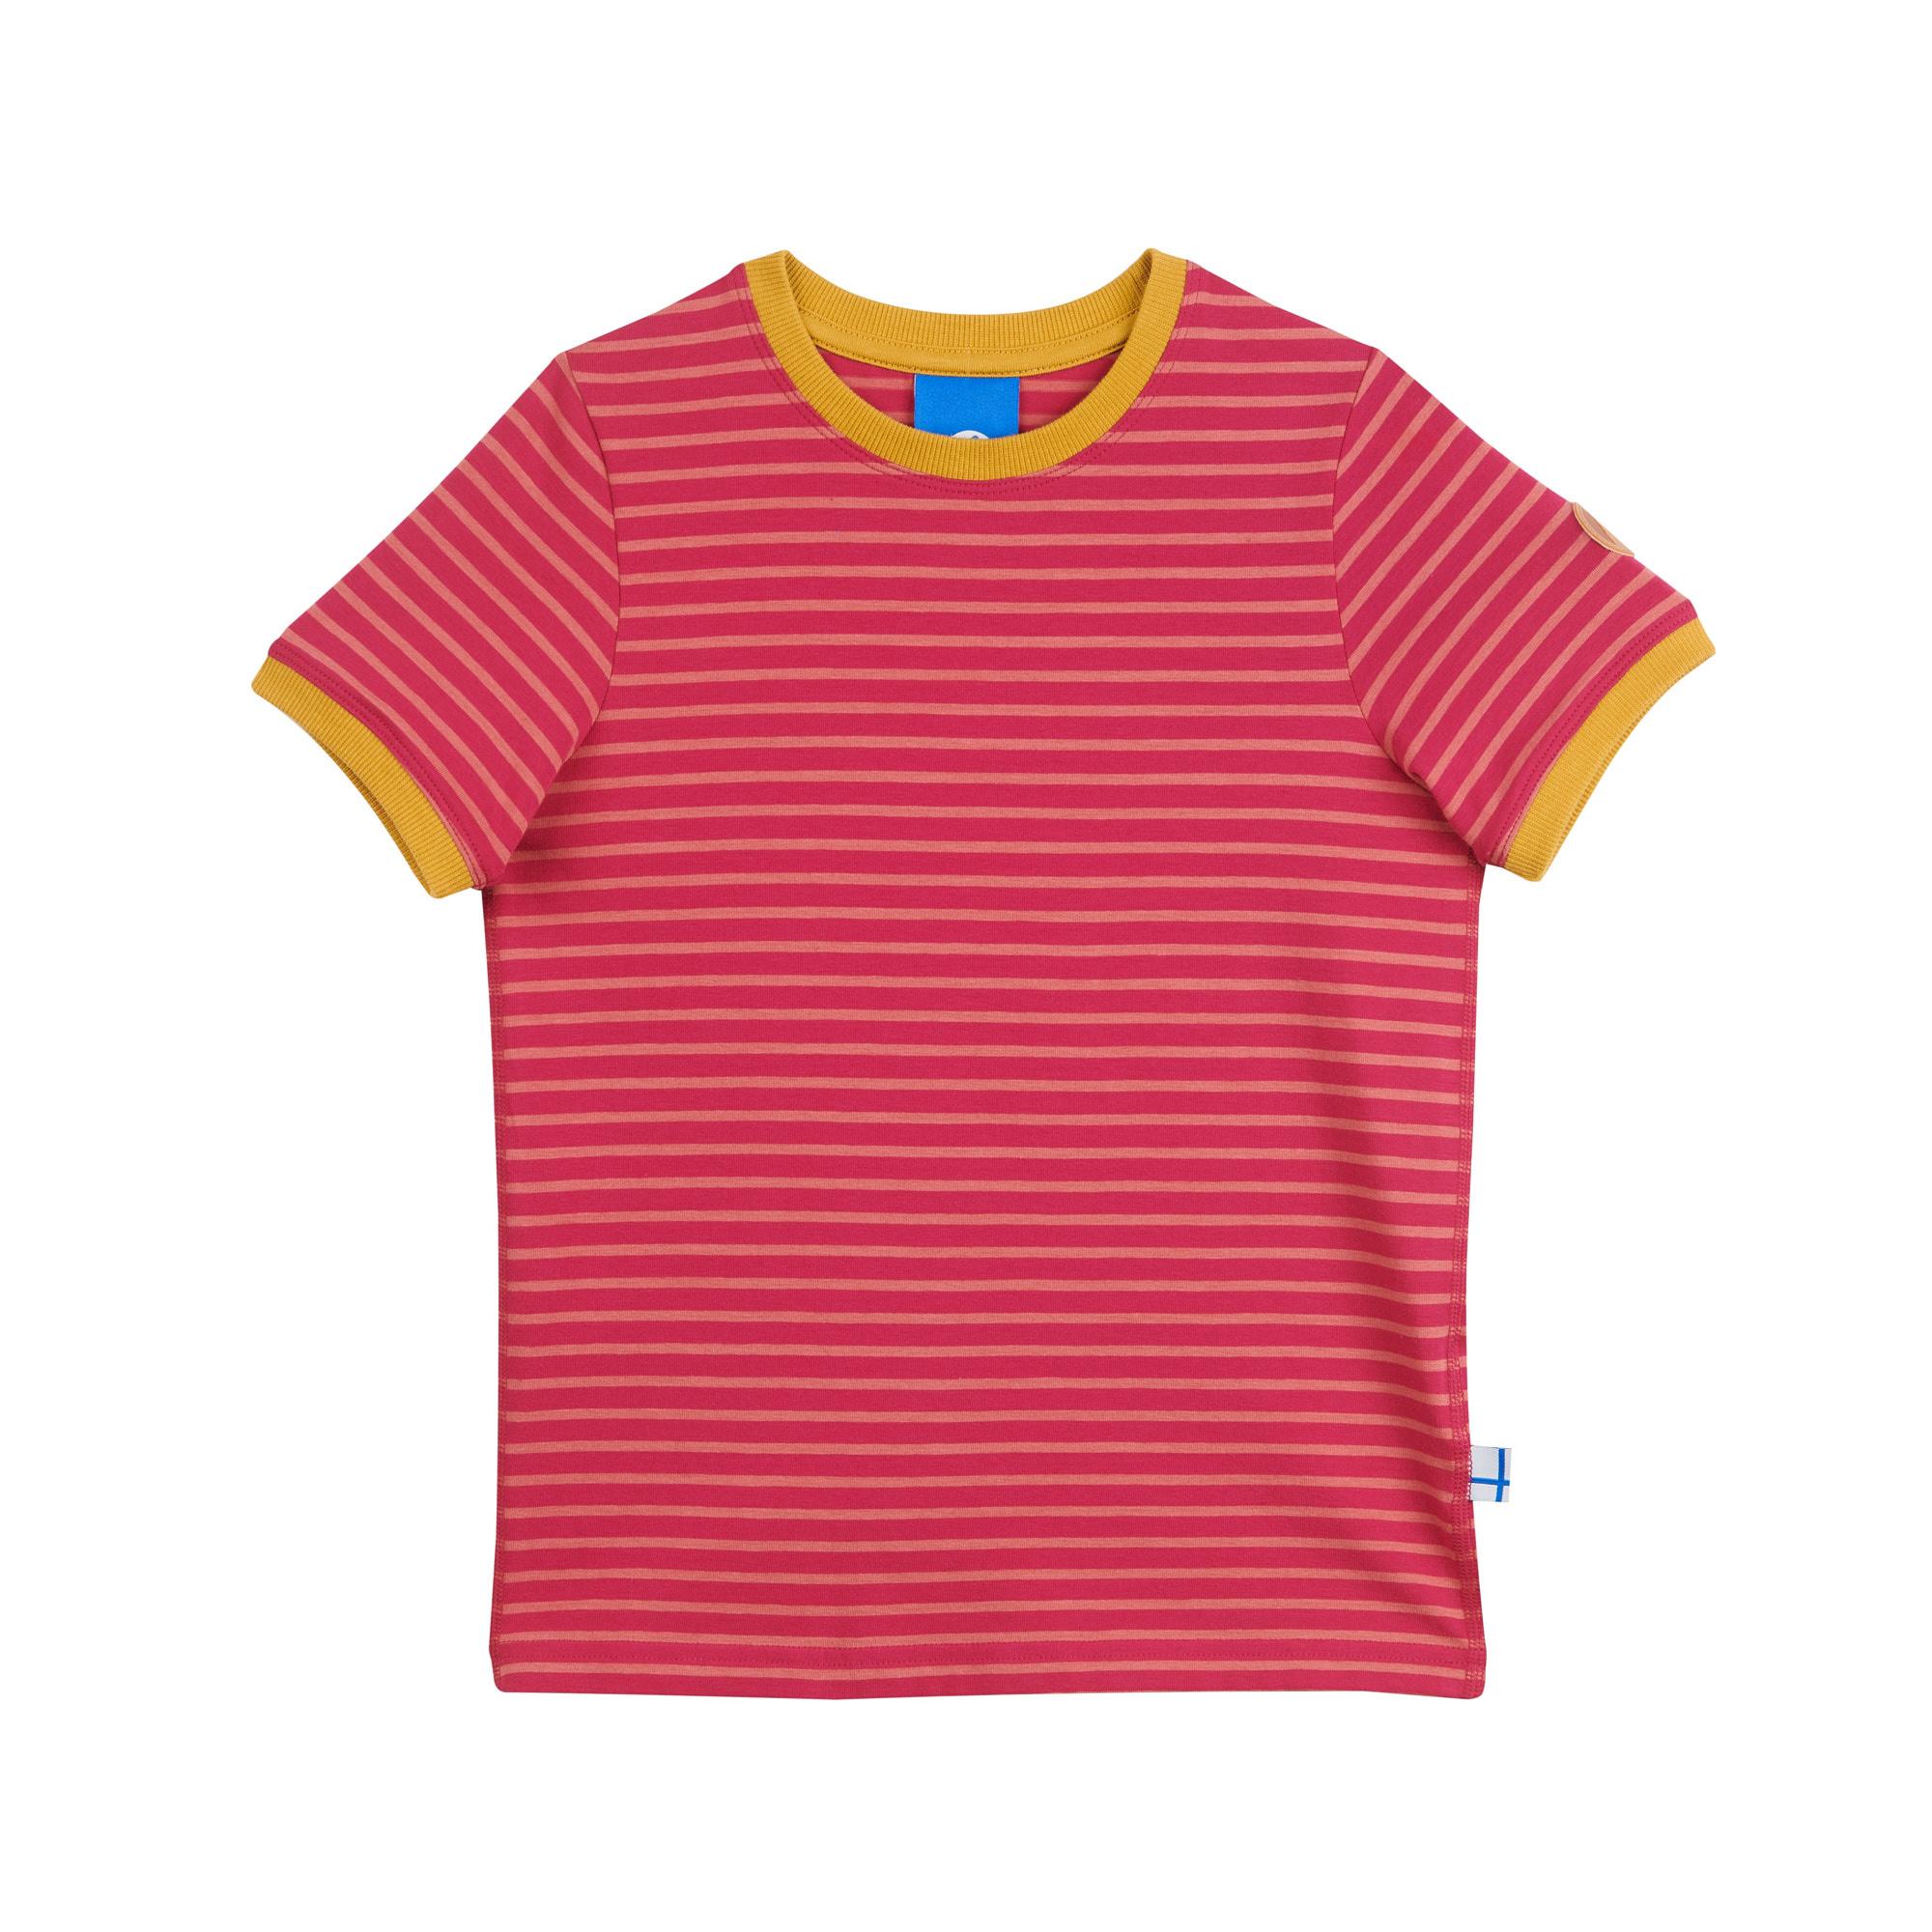 Finkid Finkid RENKAAT T-Shirt Biobaumwolle Ringel